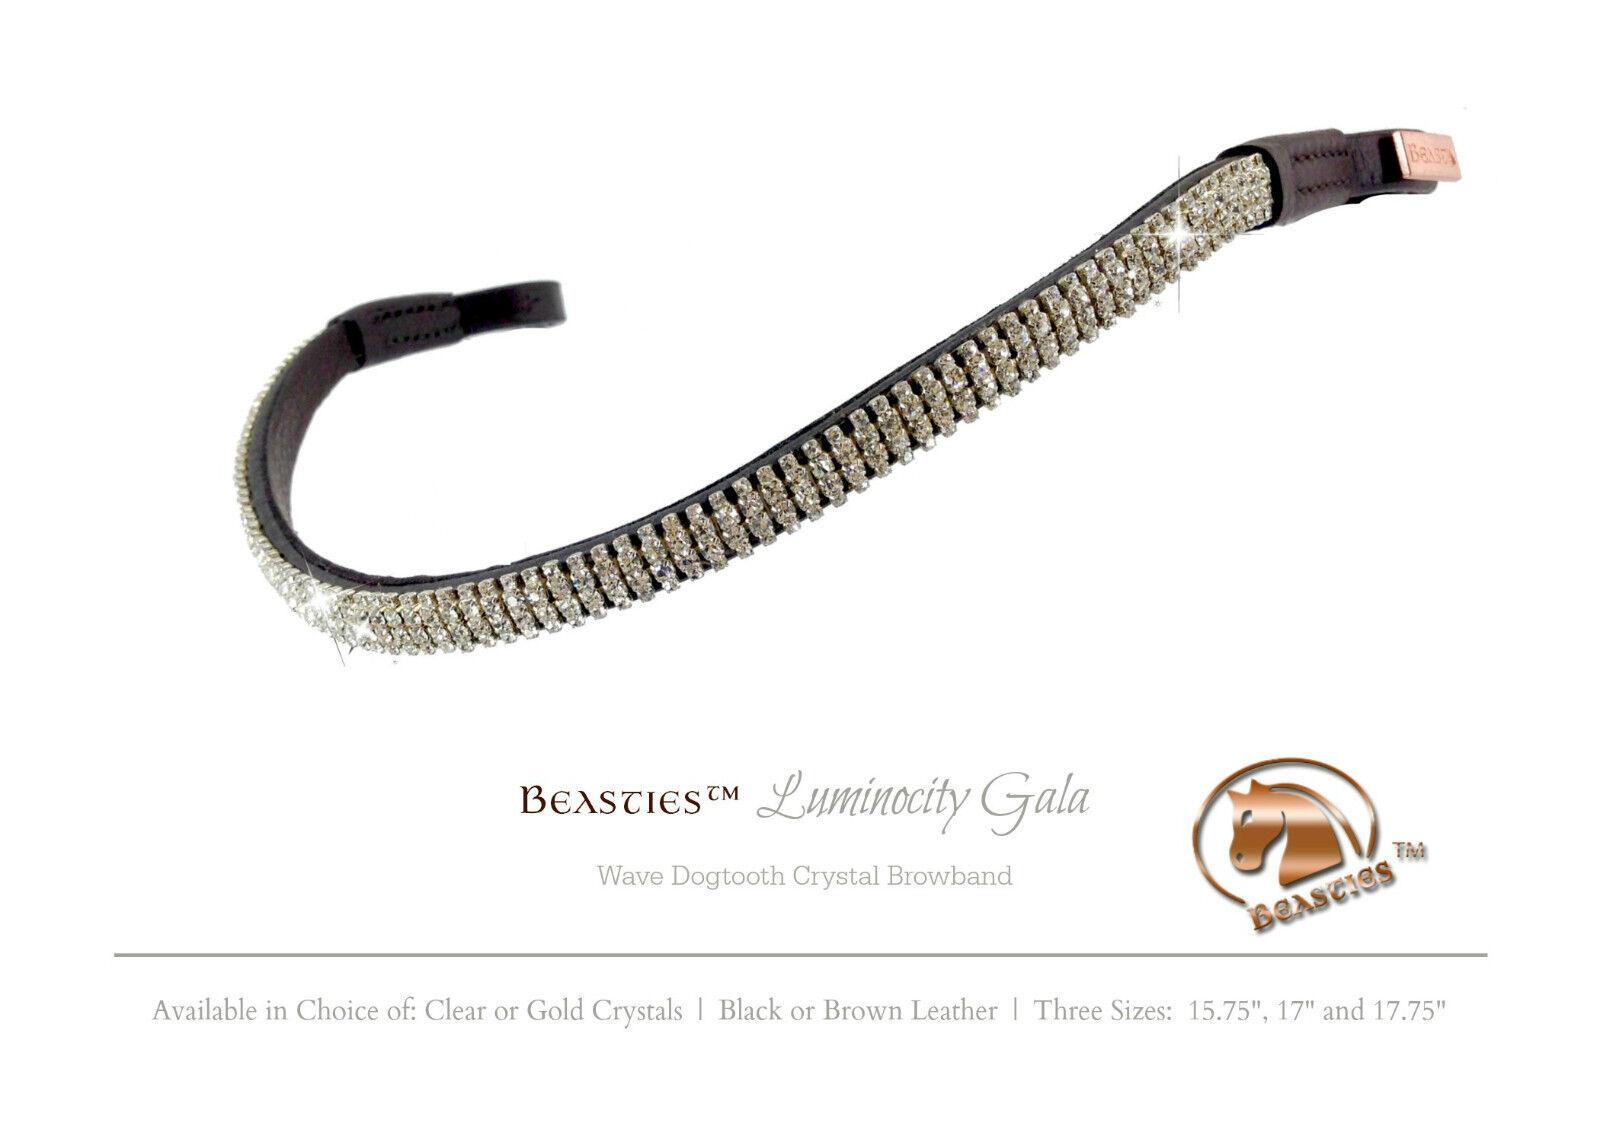 Clear/Blk Luminocity Wave Crystal Crystal Wave Dressage Bridle Browband Größe:OverGröße 17.75